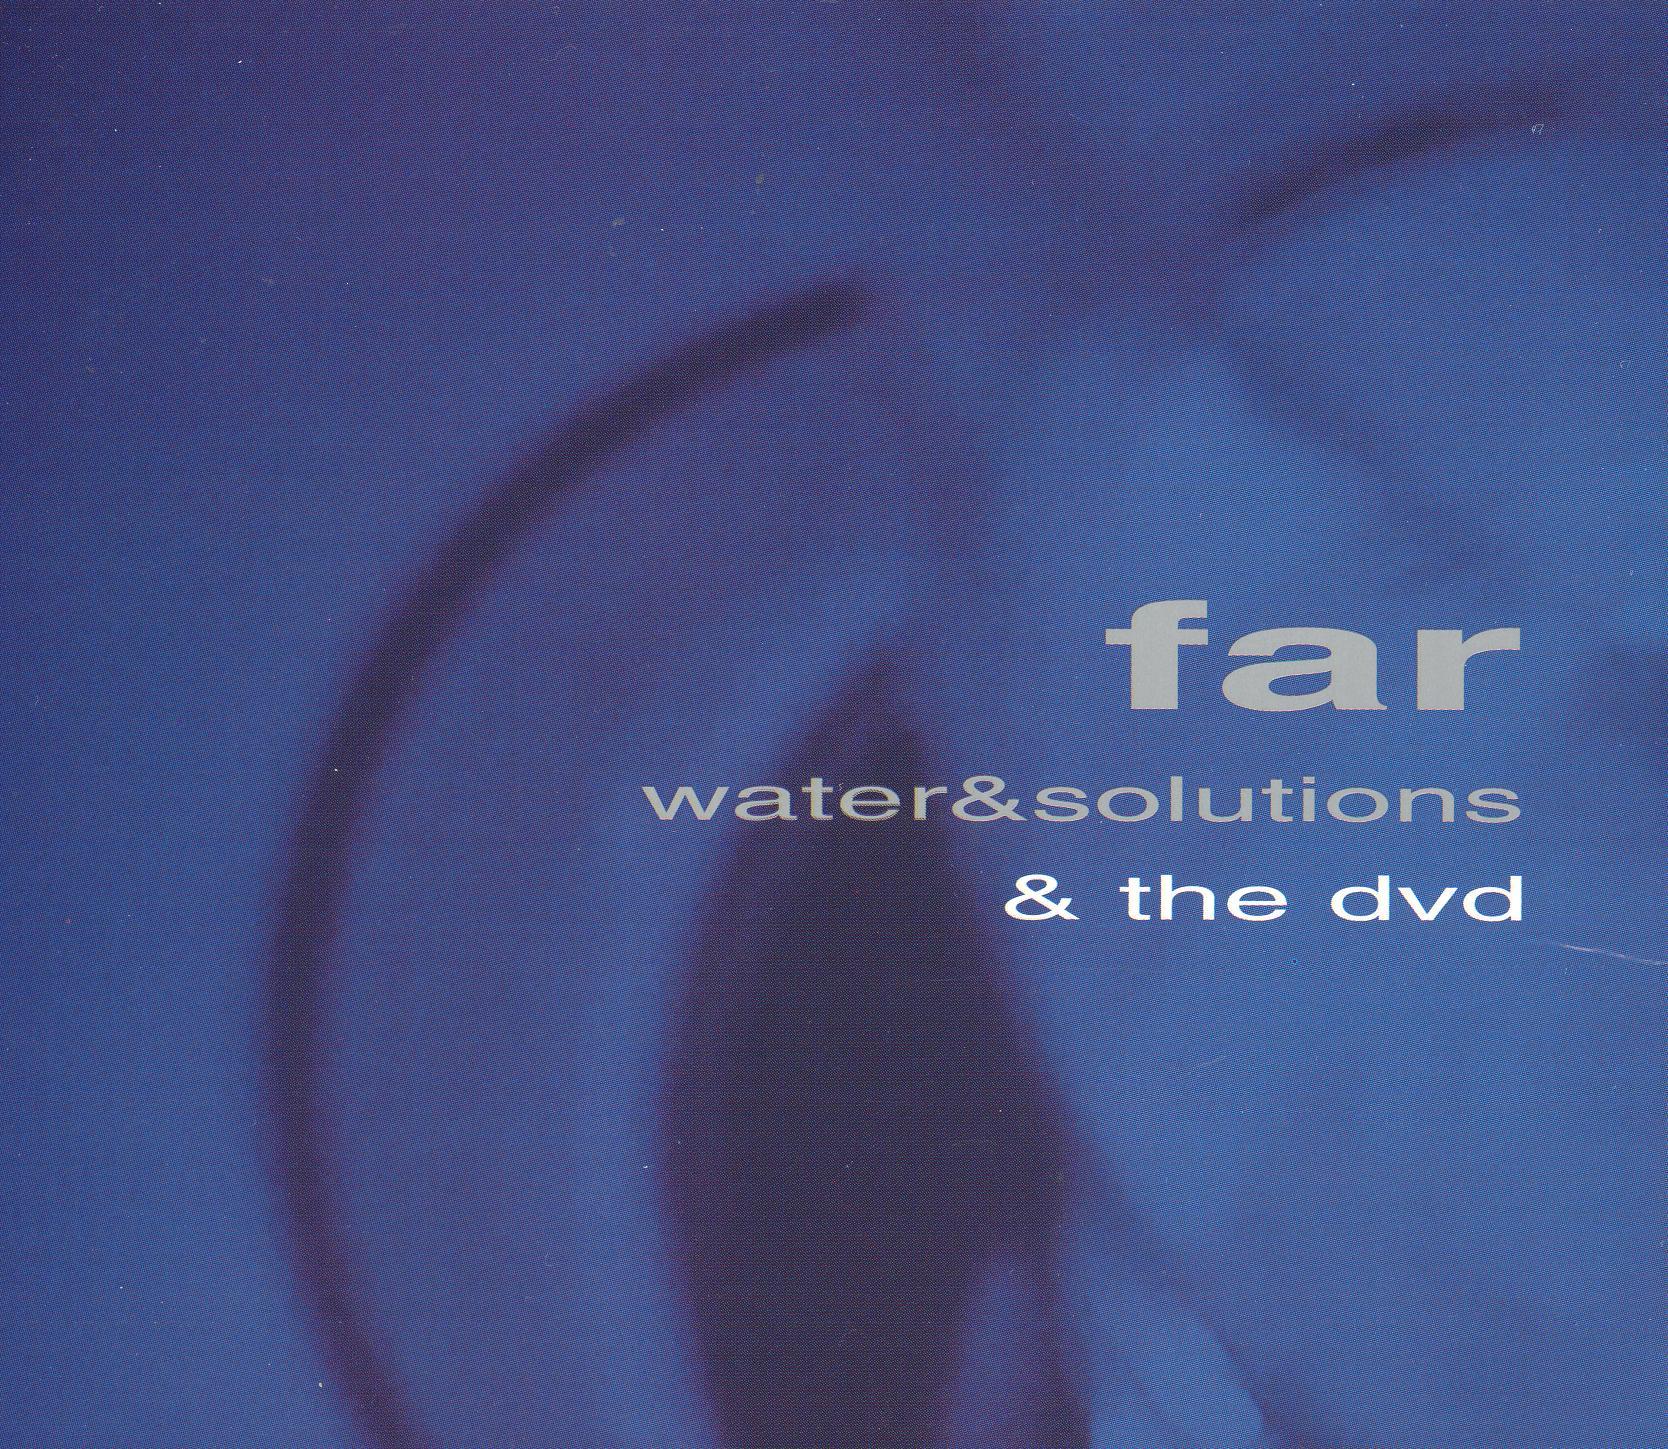 Far: The DVD